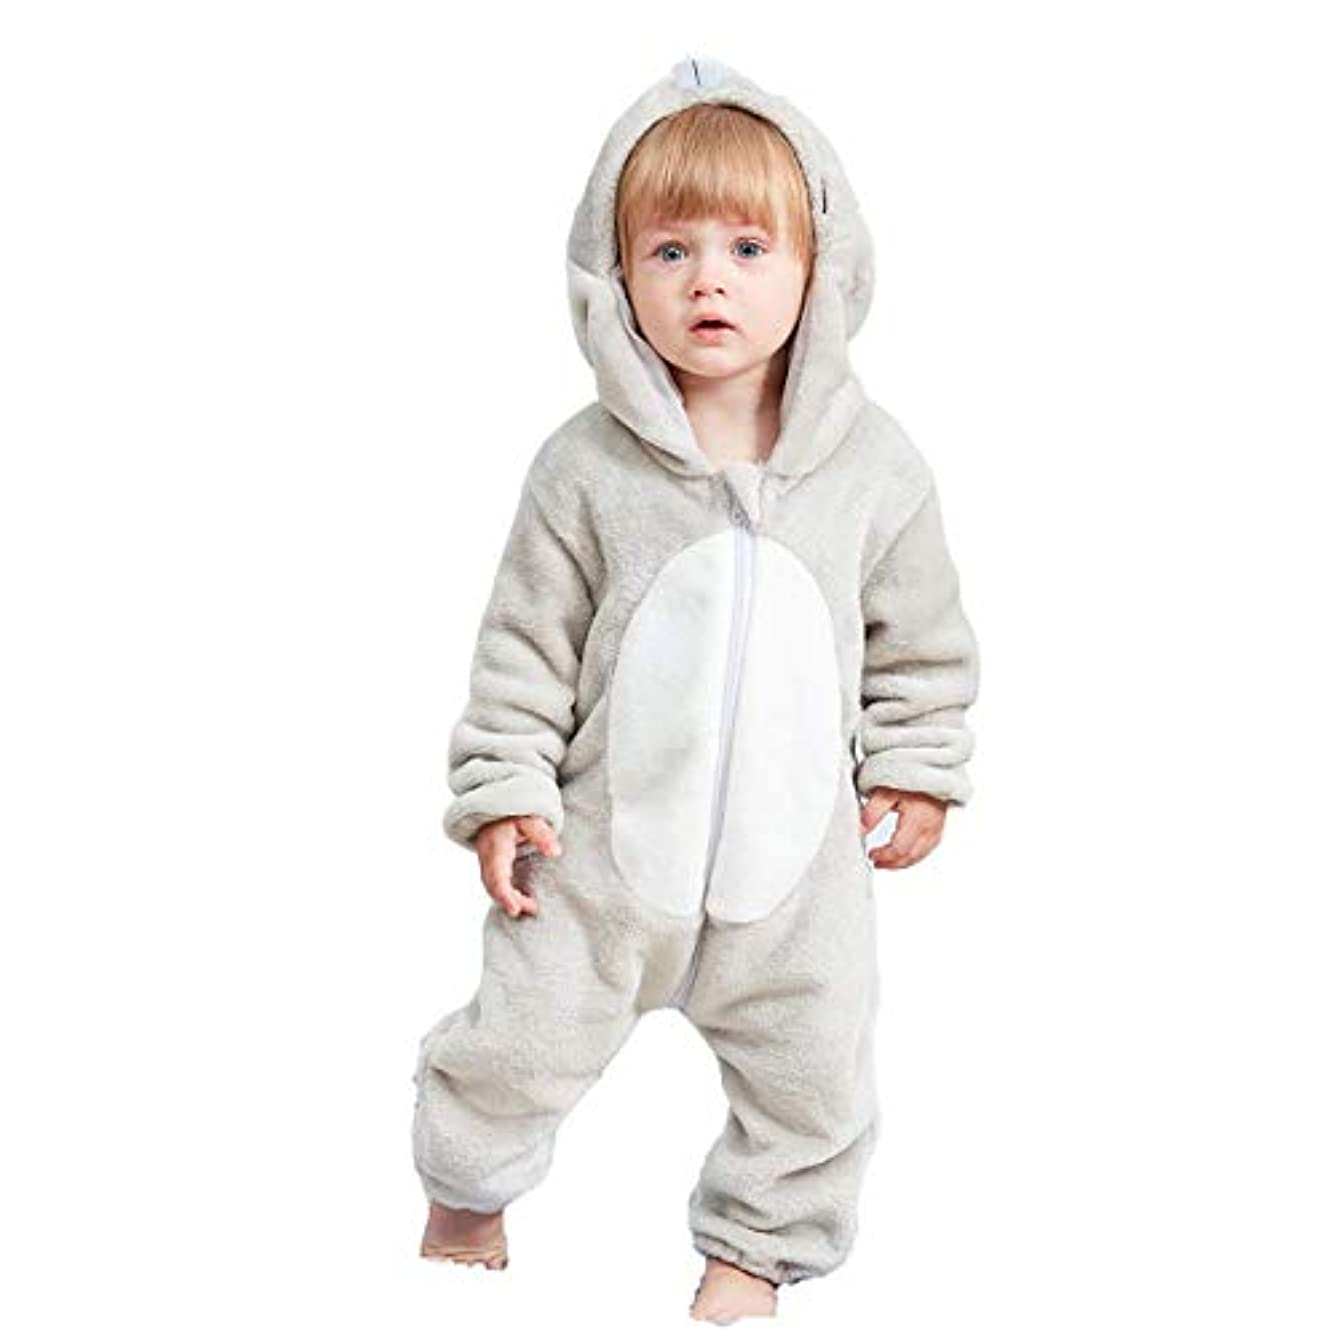 BHKK ベビー 着ぐるみ ロンパース もこもこ カバーオール キッズ コスチューム 防寒着 男の子 女の子 出産祝い 百日祝い プレゼント フクロウ 80